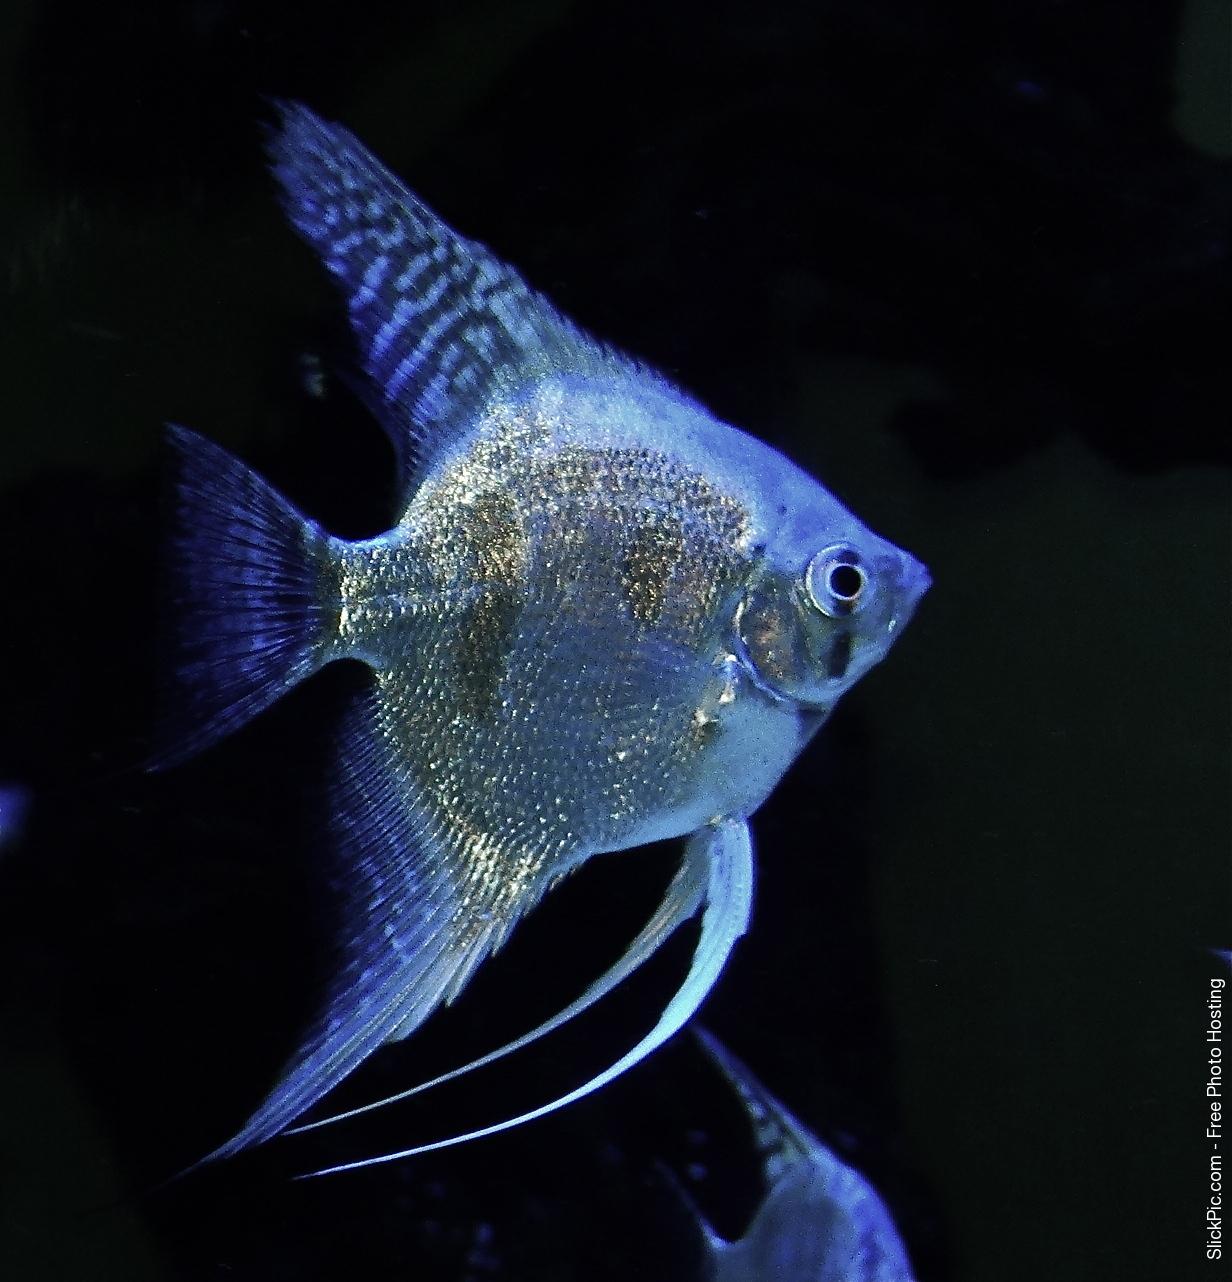 Freshwater aquarium fish for sale philippines - Dsc04051